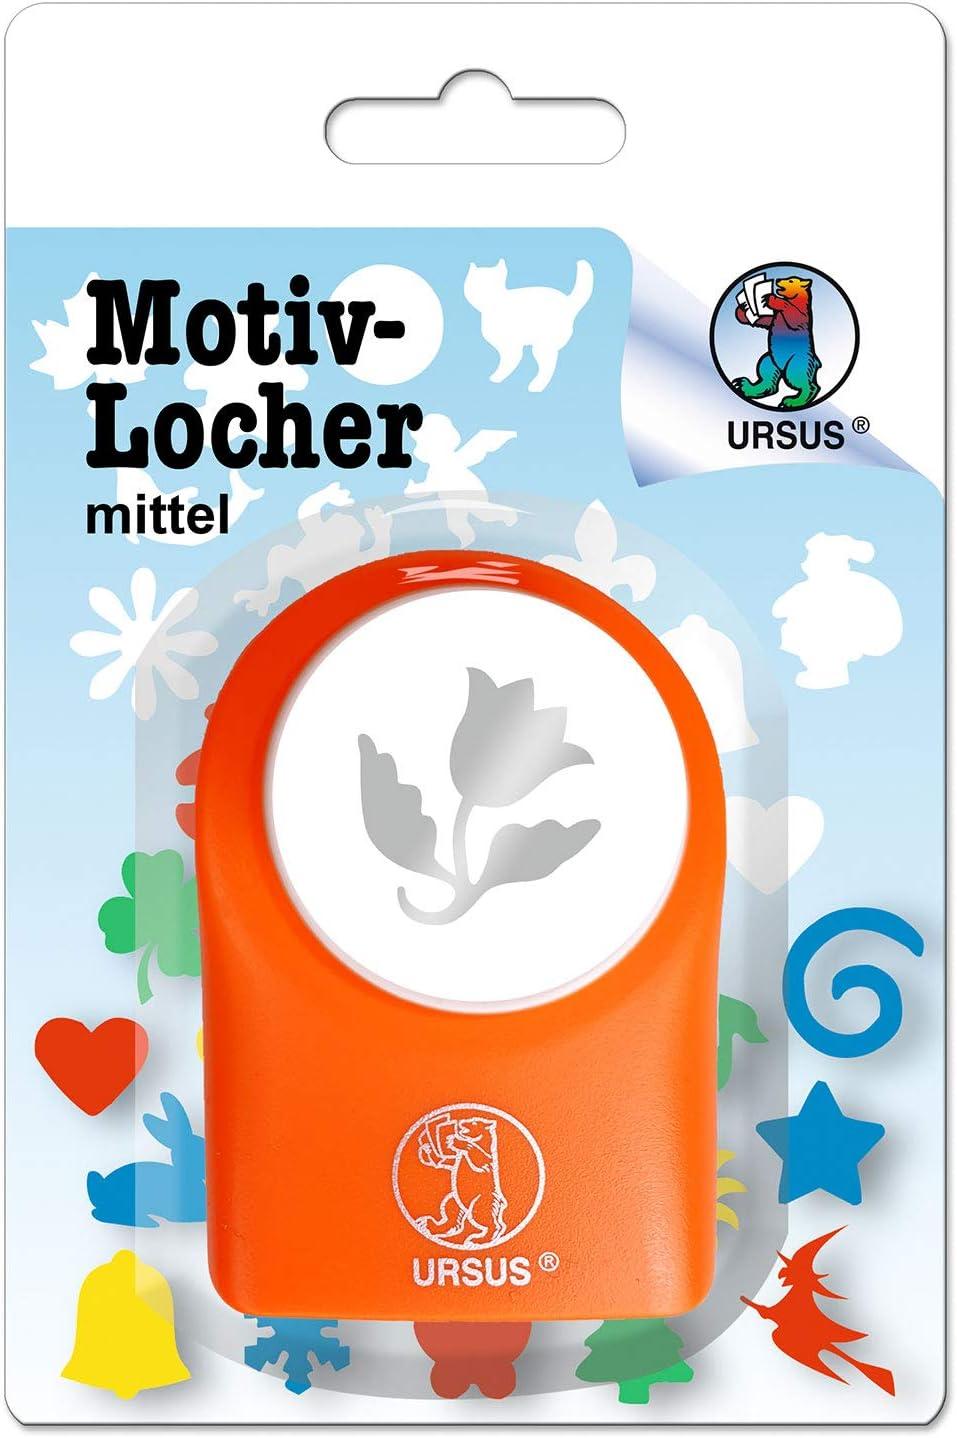 Ursus 19520043 Perforatrice /à Motif Fleur de Cloche en Plastique Orange /Ø env 25,4 mm pour Papier de qualit/é de 160-220 g//m/² avec Bouton Pression